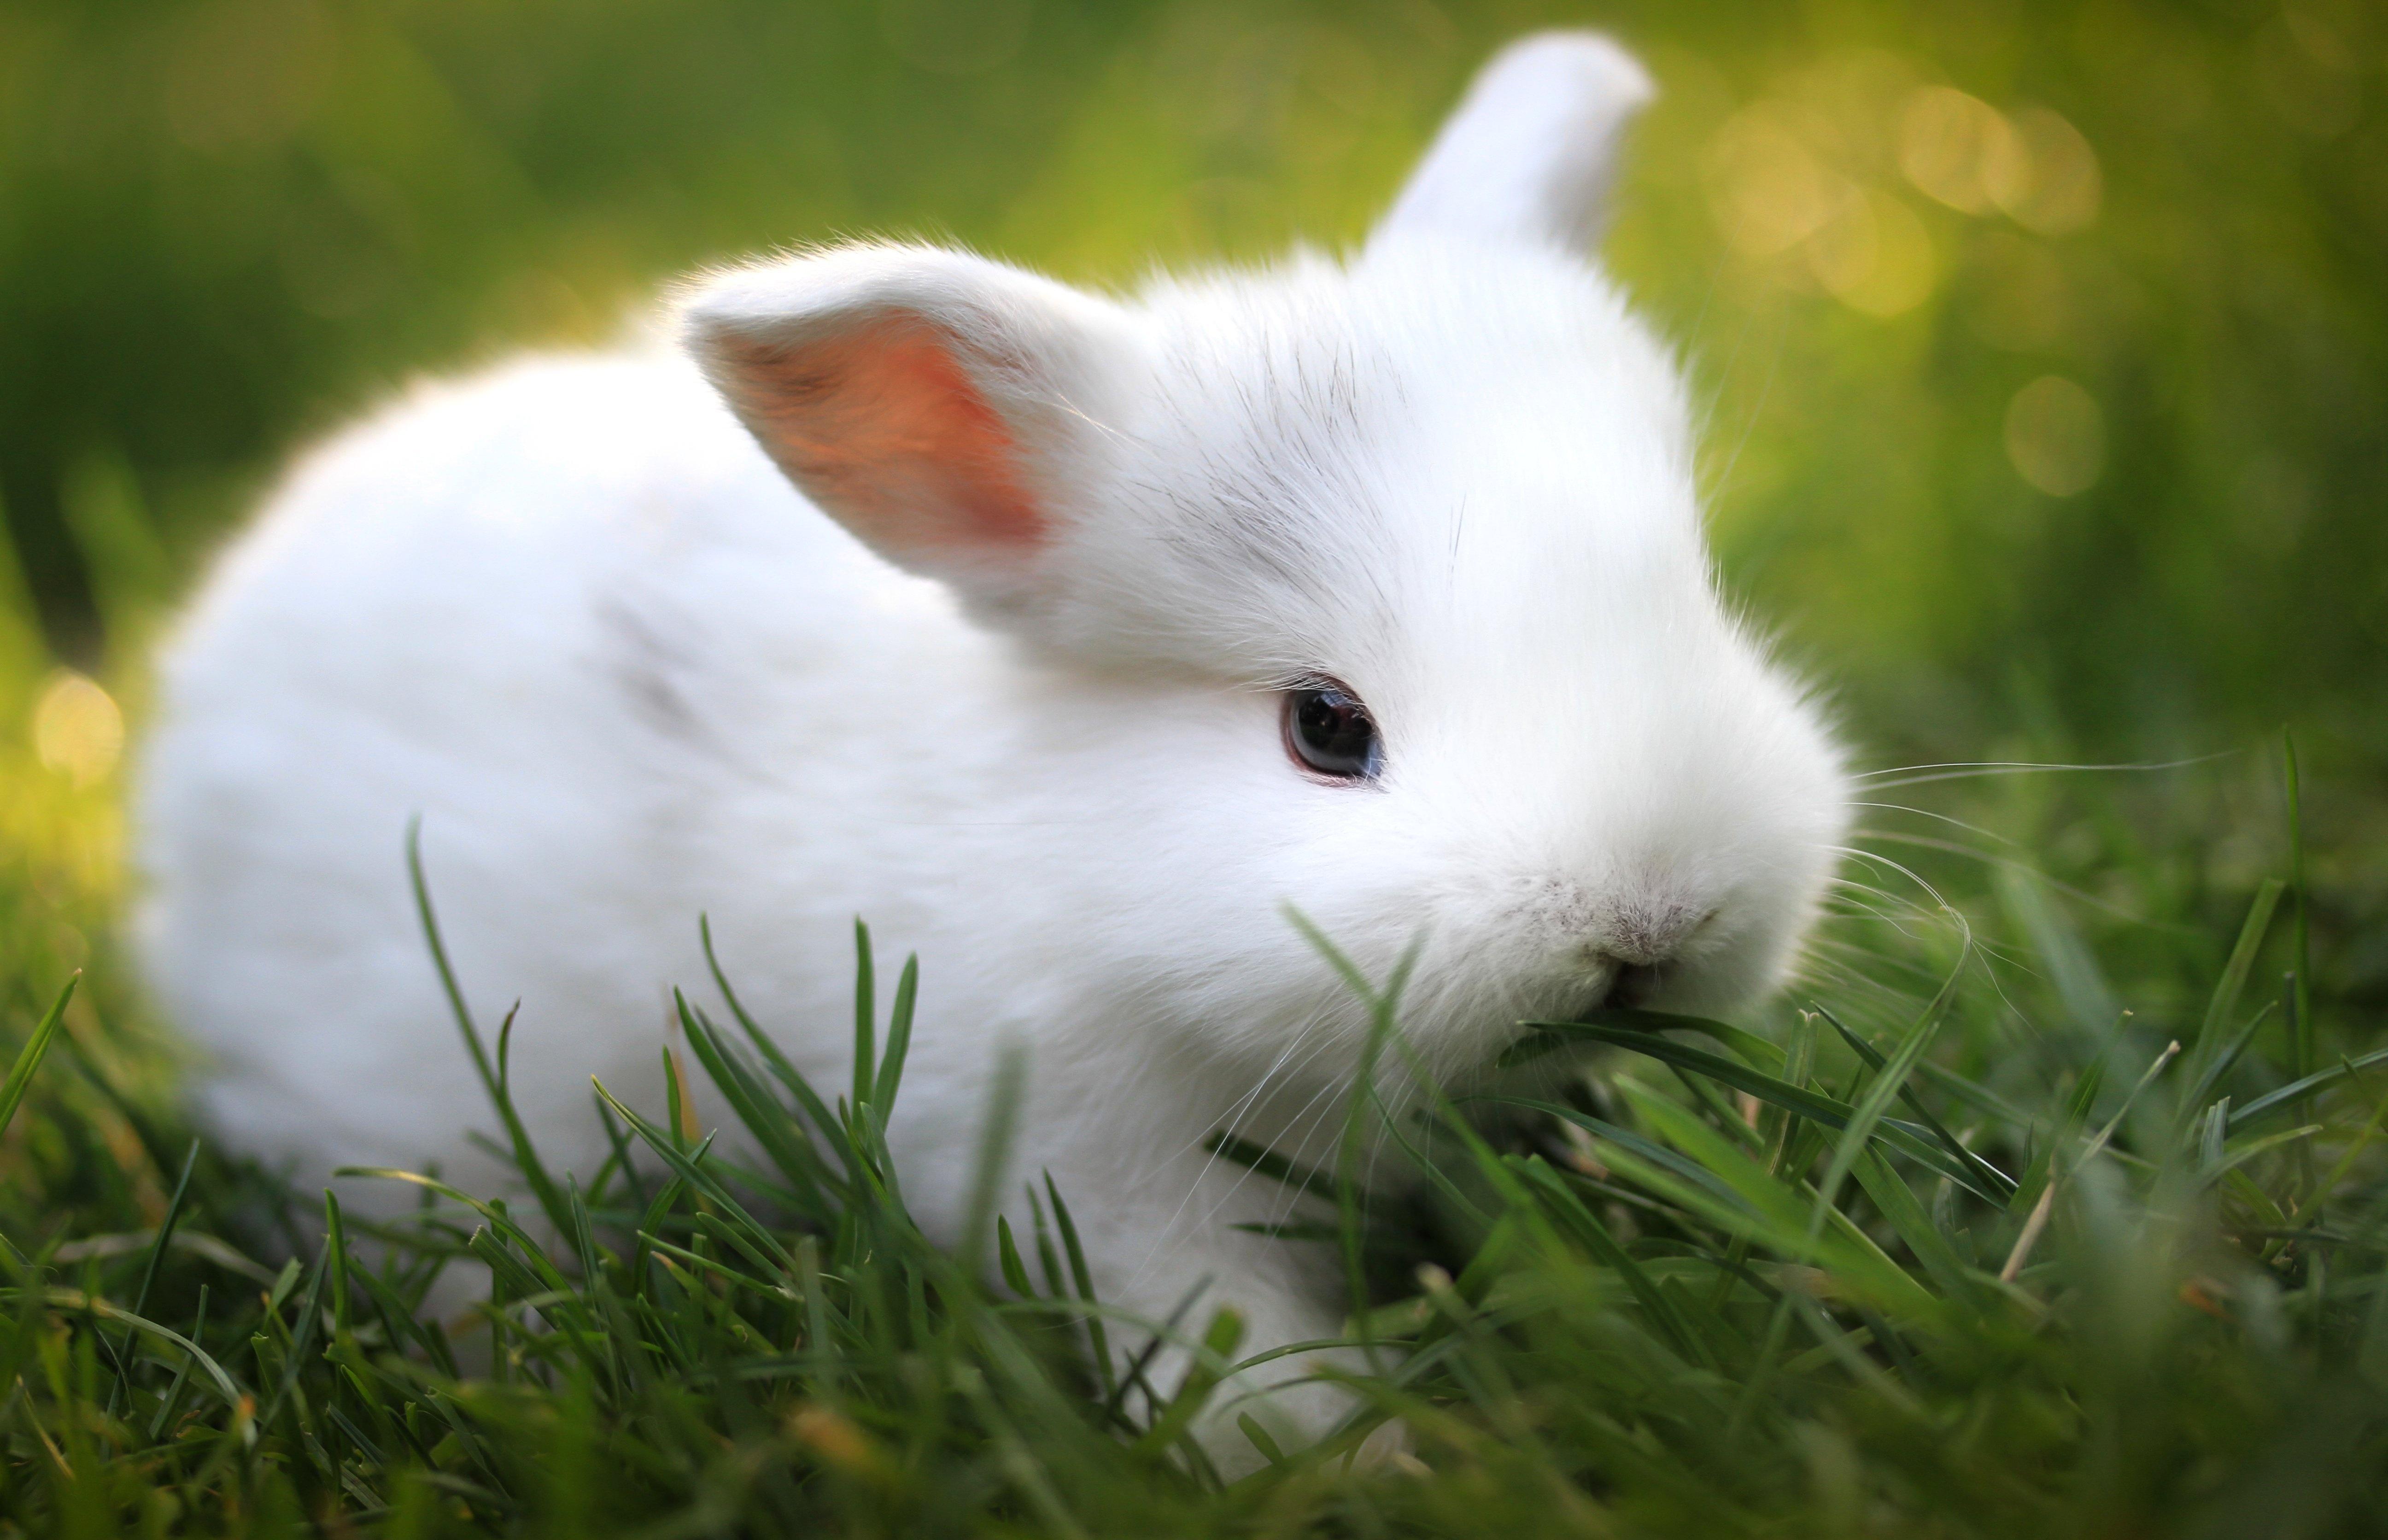 Кролик макро  № 3207693 бесплатно